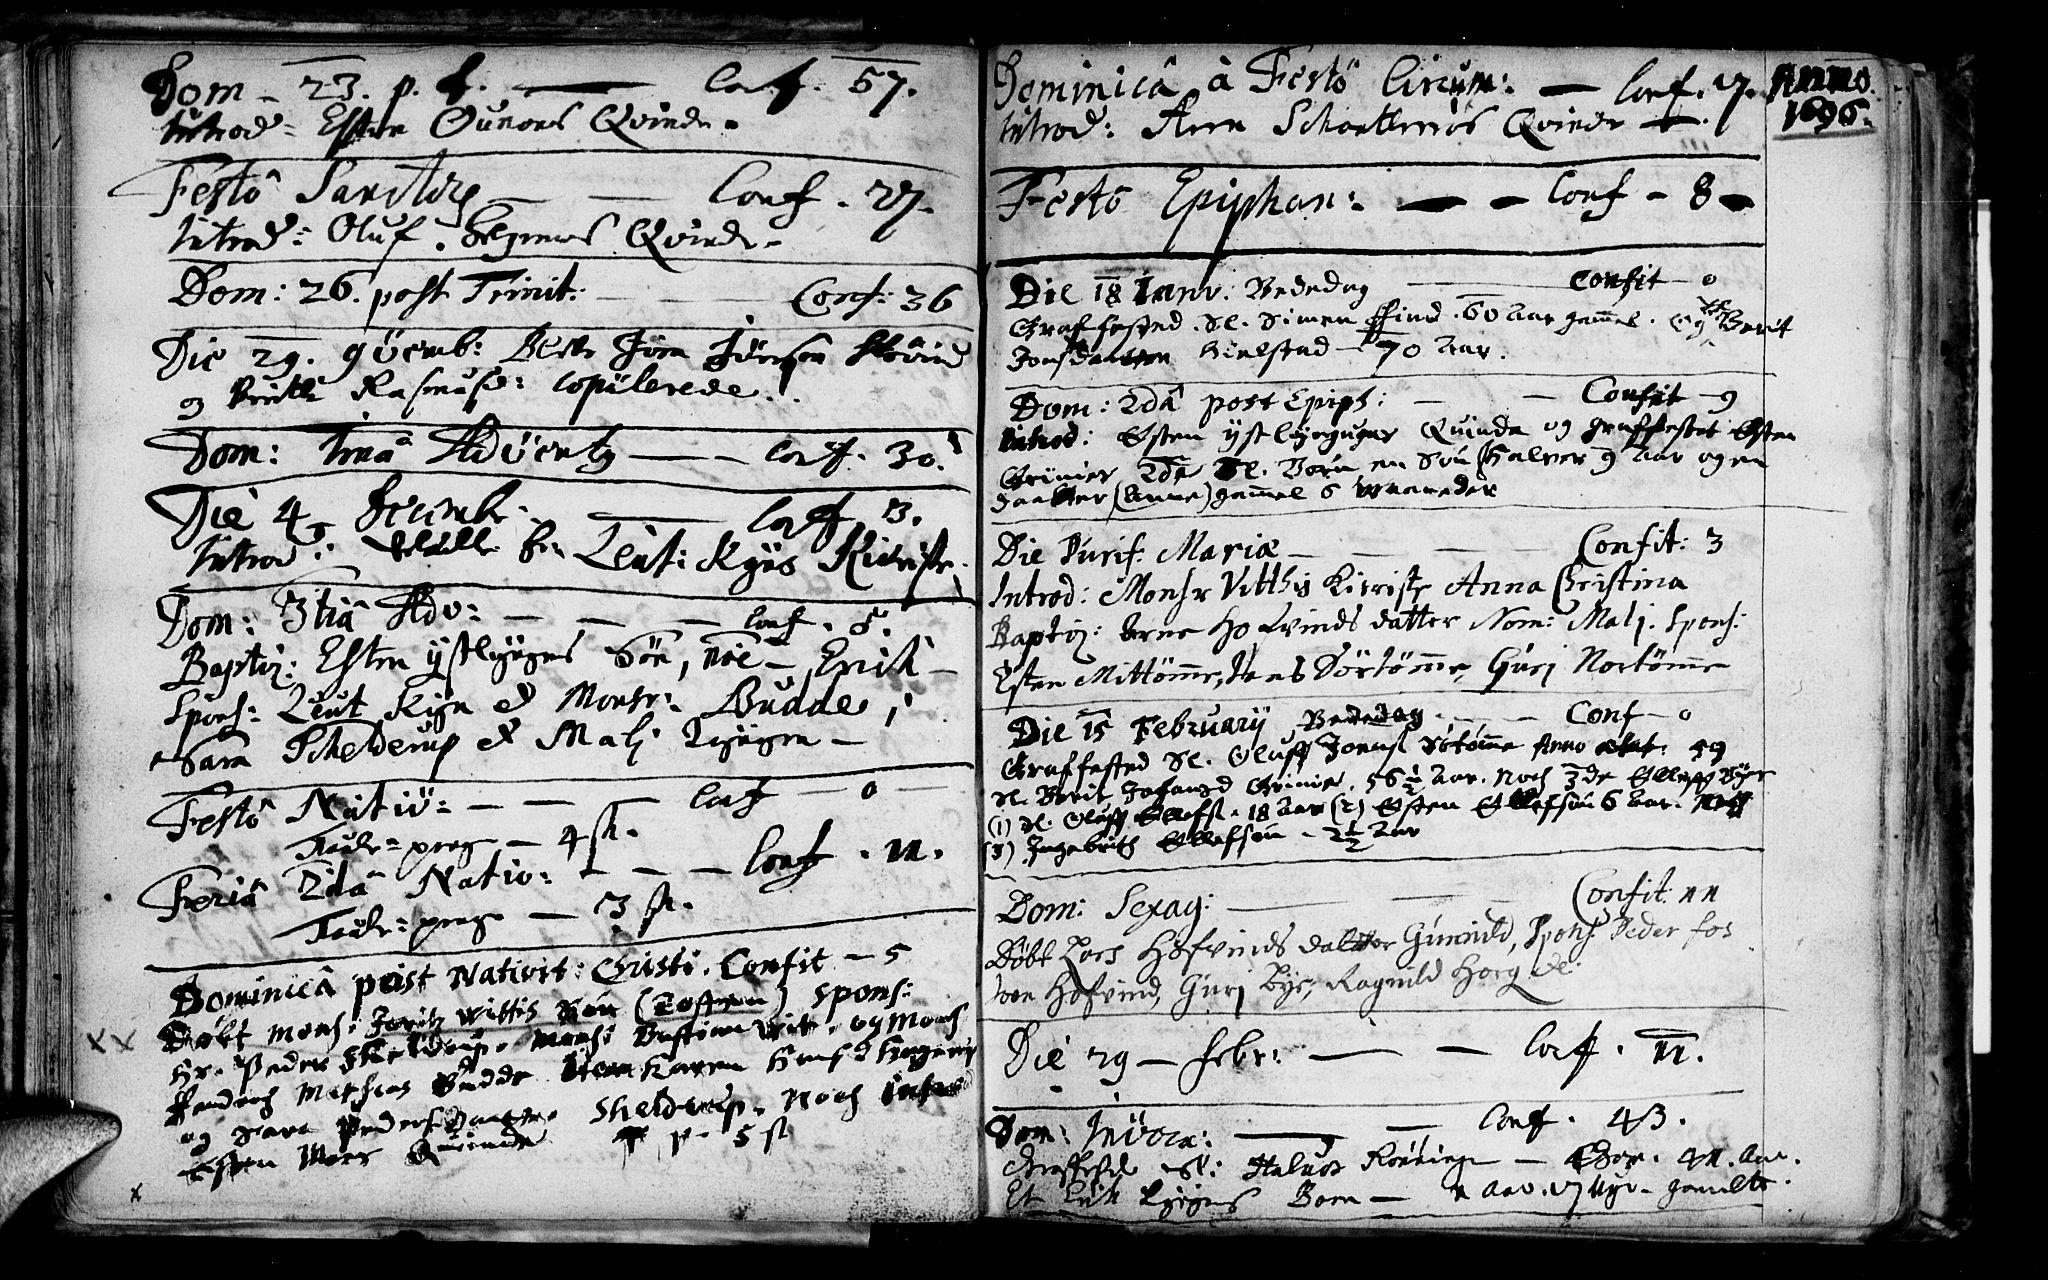 SAT, Ministerialprotokoller, klokkerbøker og fødselsregistre - Sør-Trøndelag, 692/L1101: Ministerialbok nr. 692A01, 1690-1746, s. 20